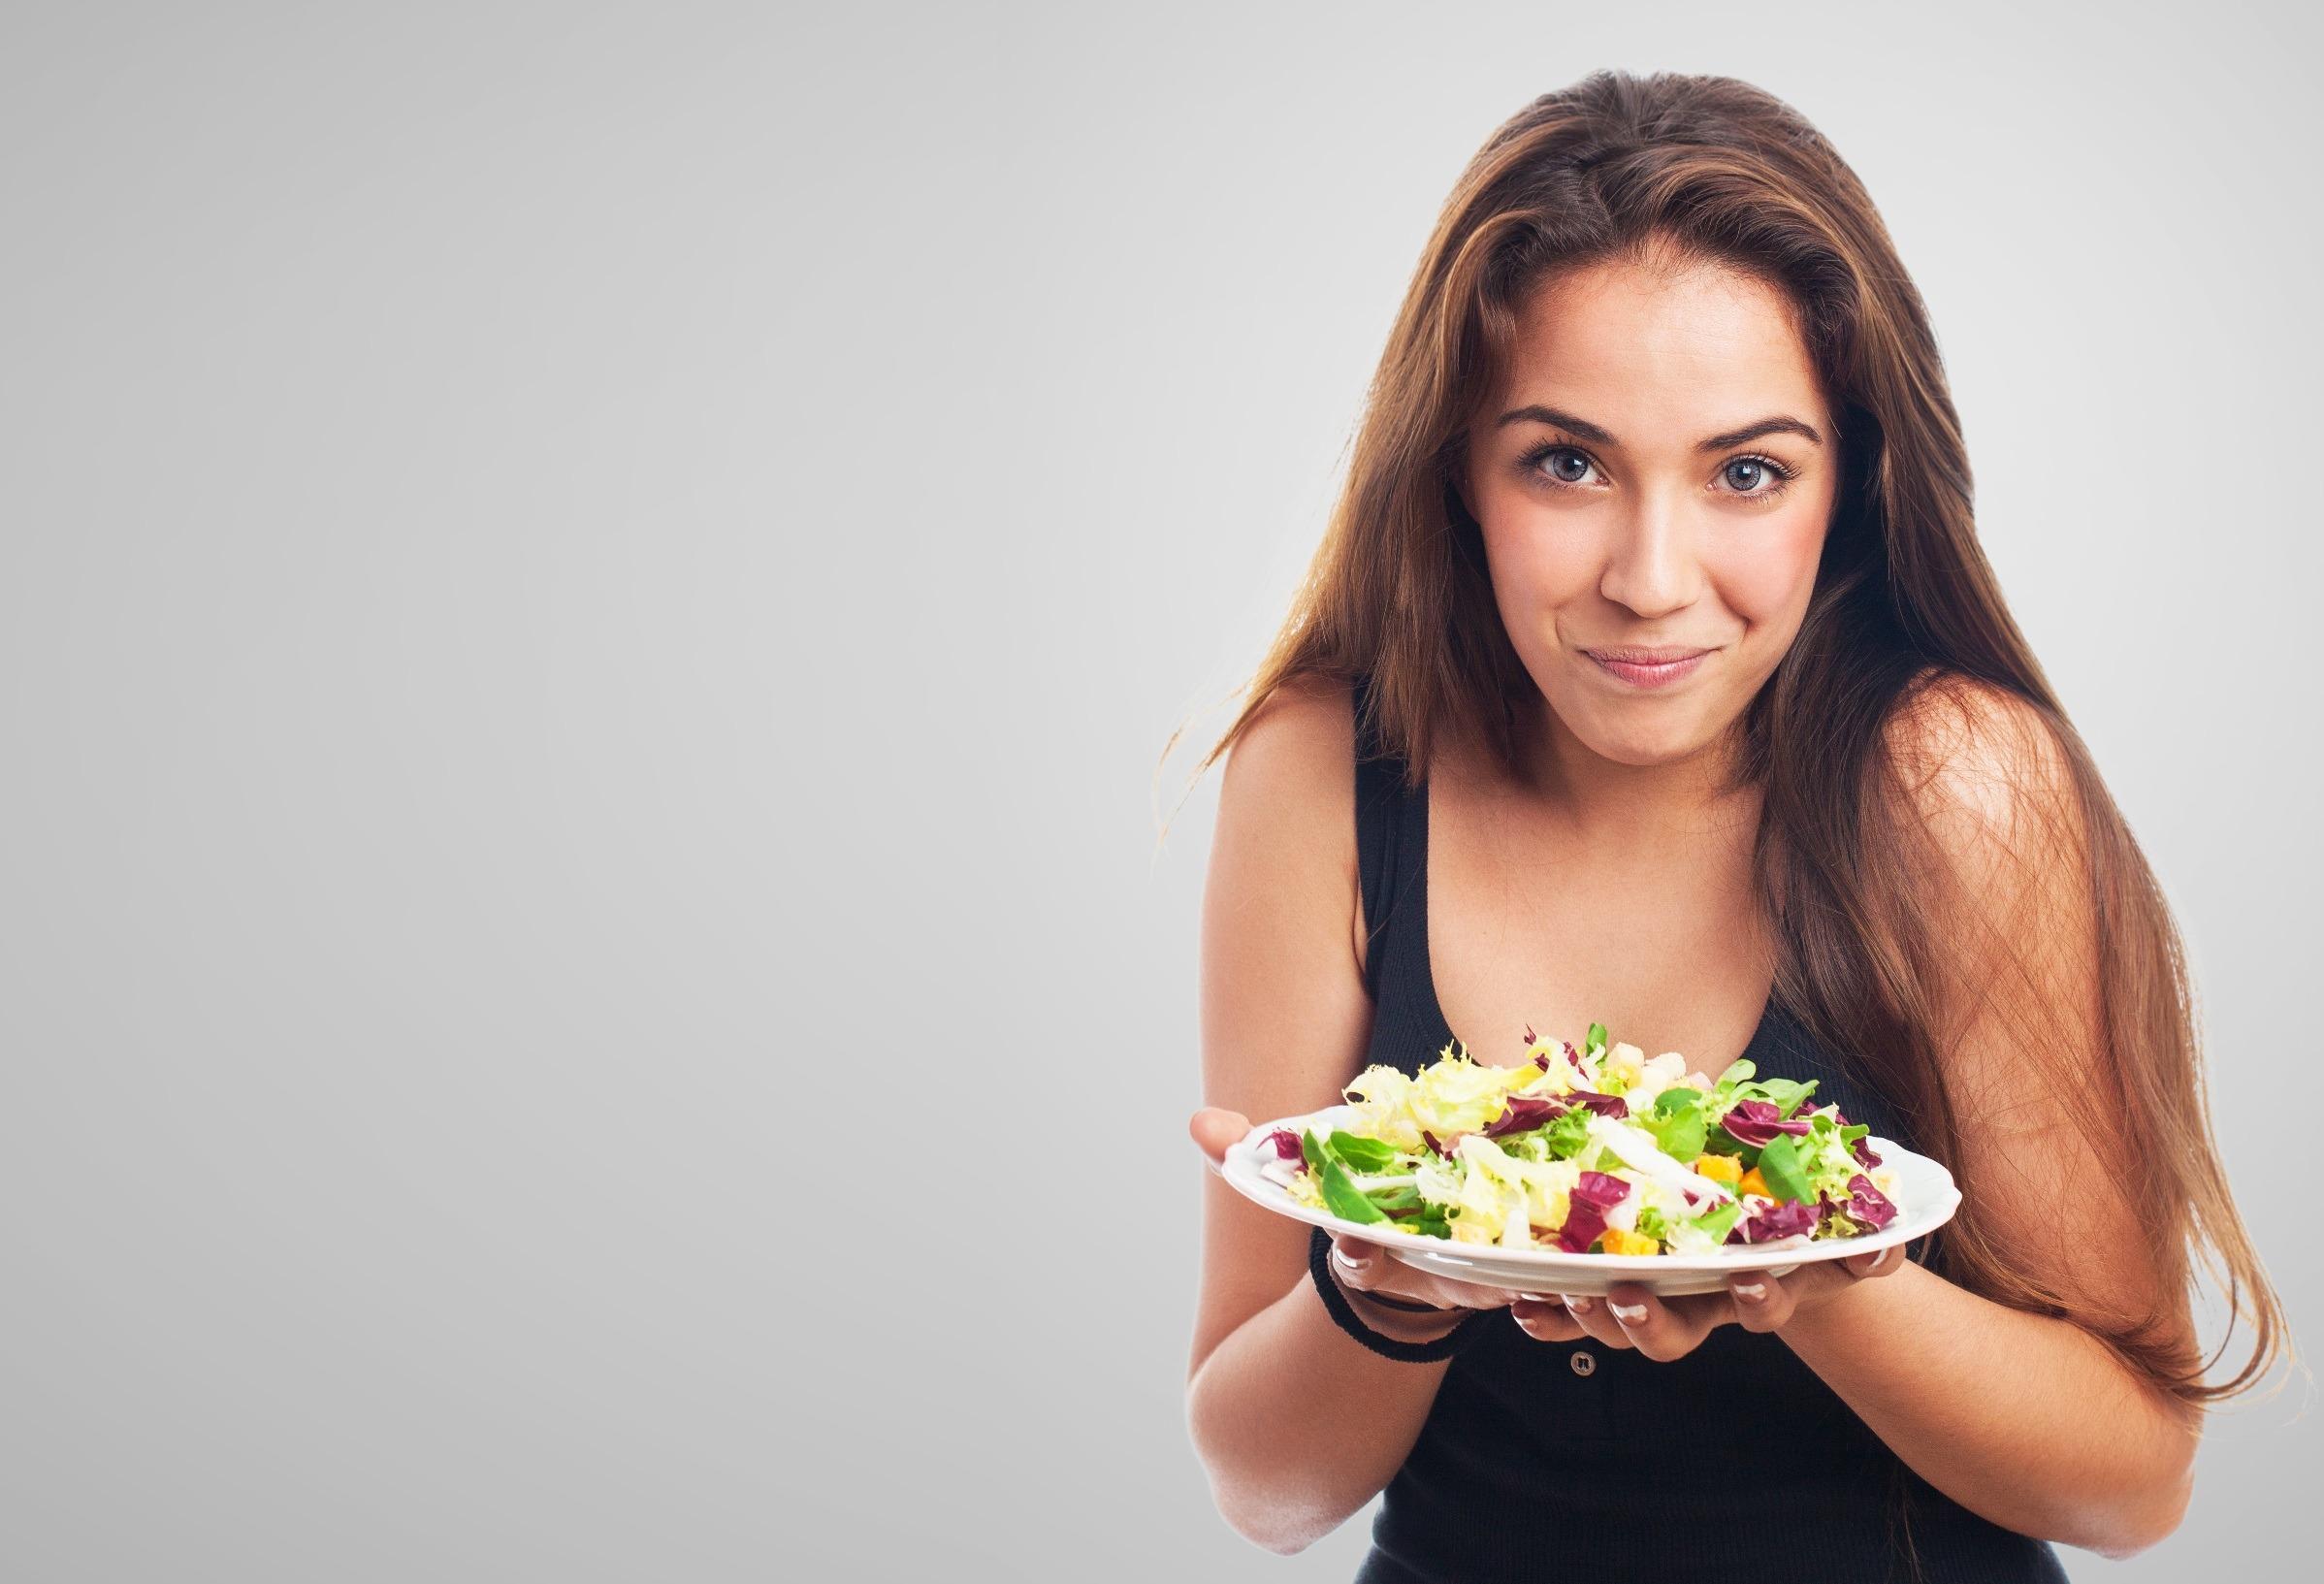 Надо Б Похудеть. Что есть, чтобы похудеть - список продуктов и как правильно питаться